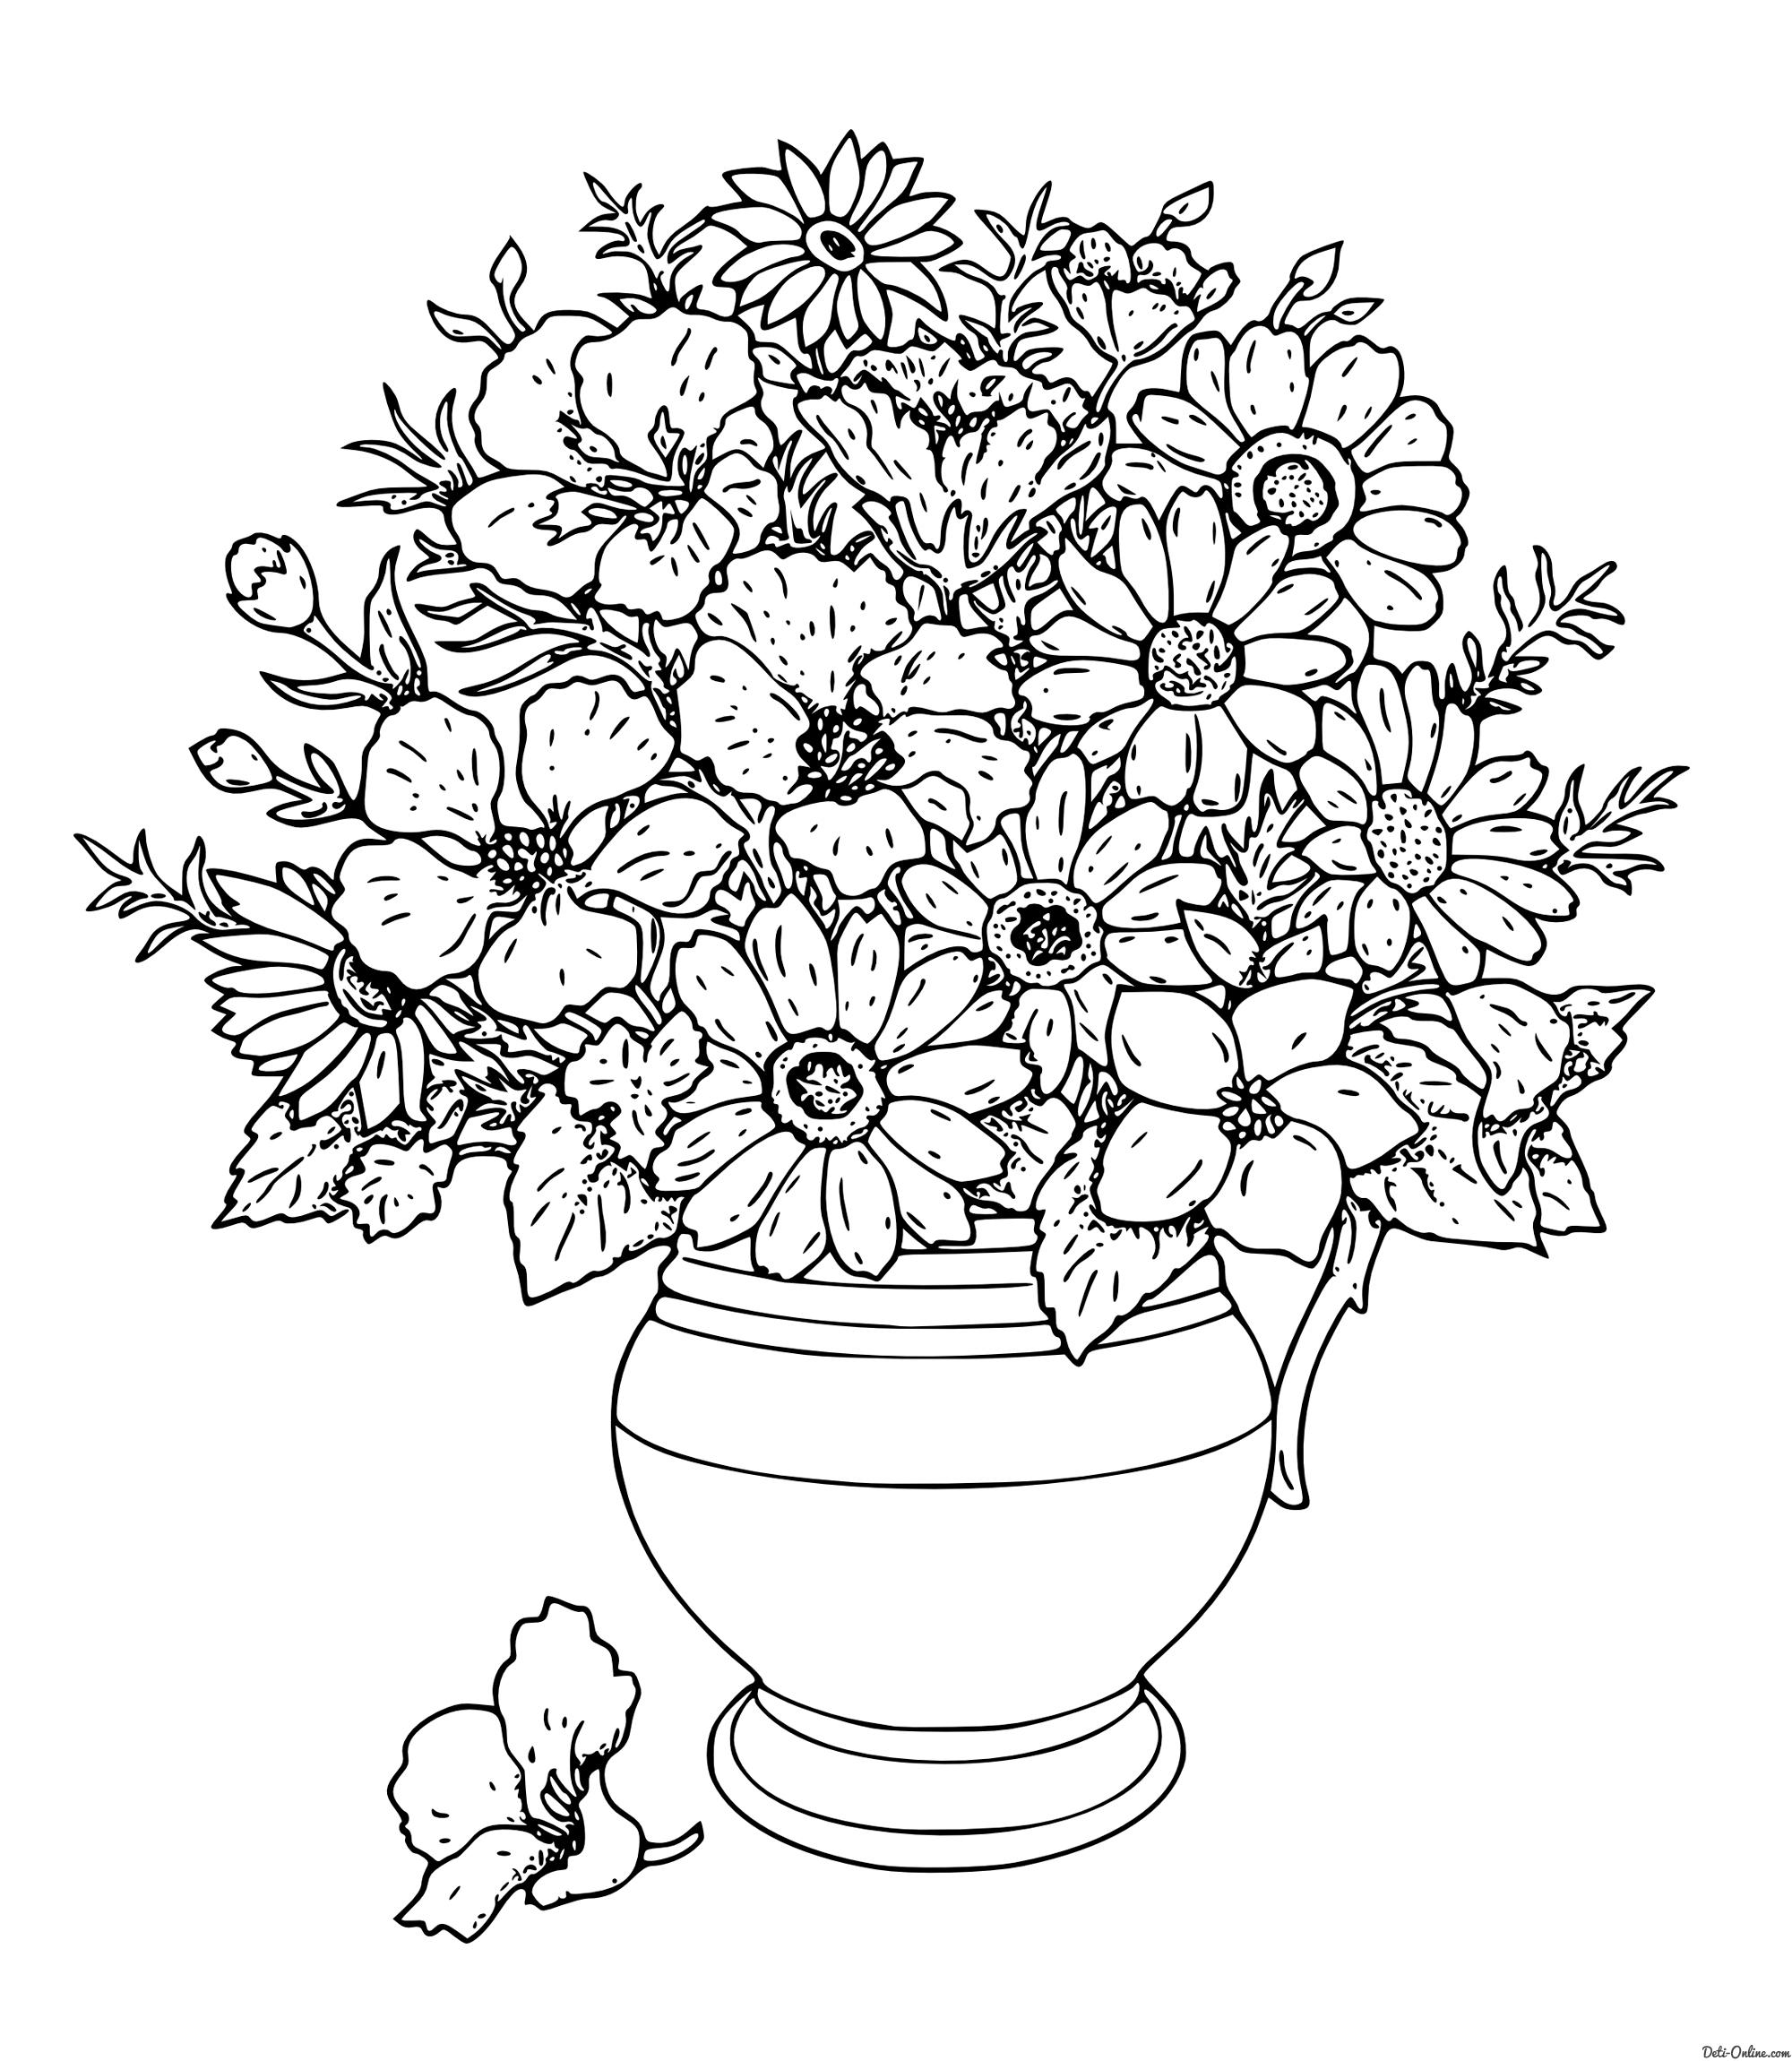 Цветы в вазе, цветок возле вазы Раскраски антистресс в хорошем качестве